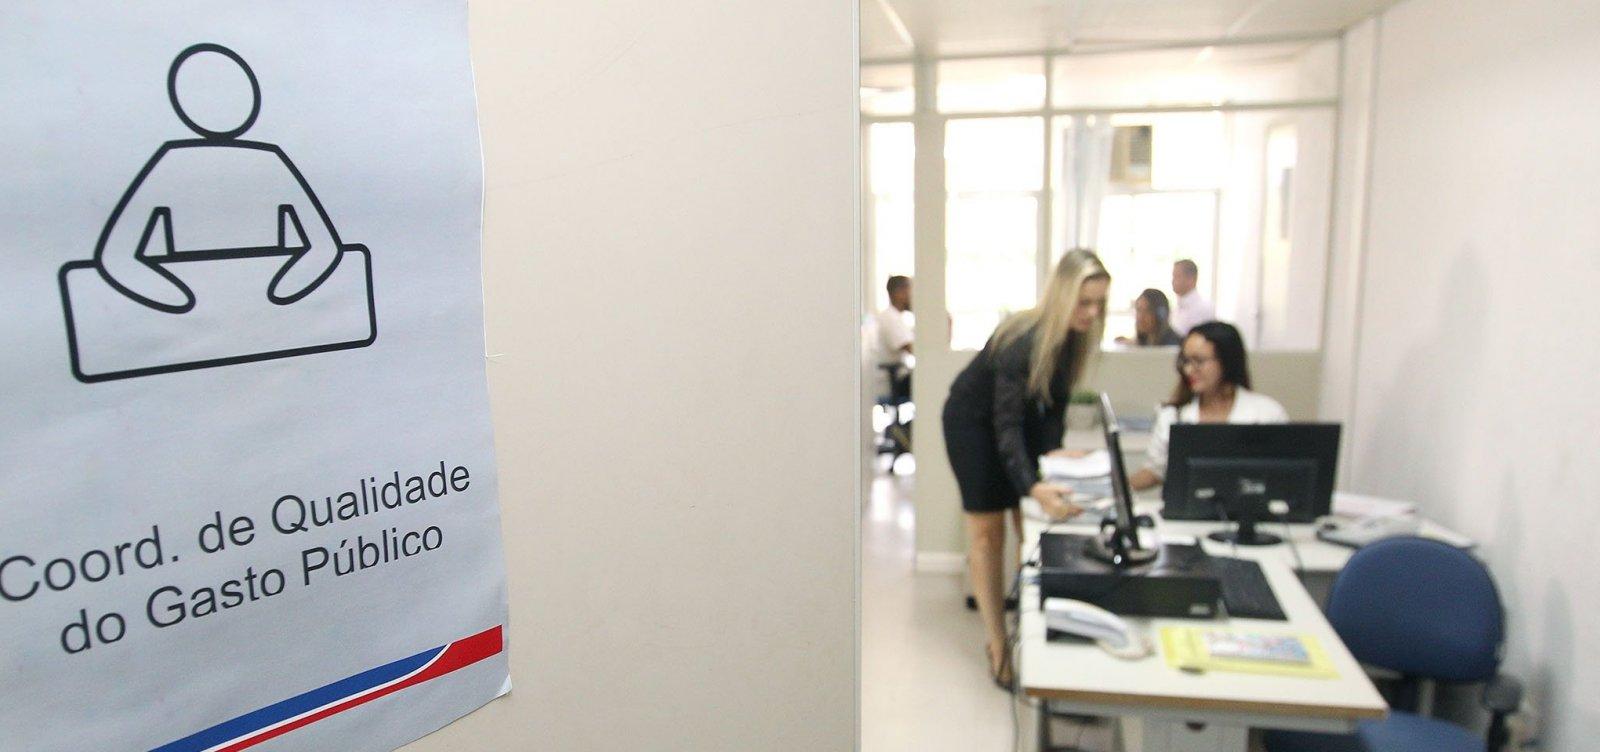 [Bahia é o estado que mais reduziu despesas, aponta Tesouro Nacional]